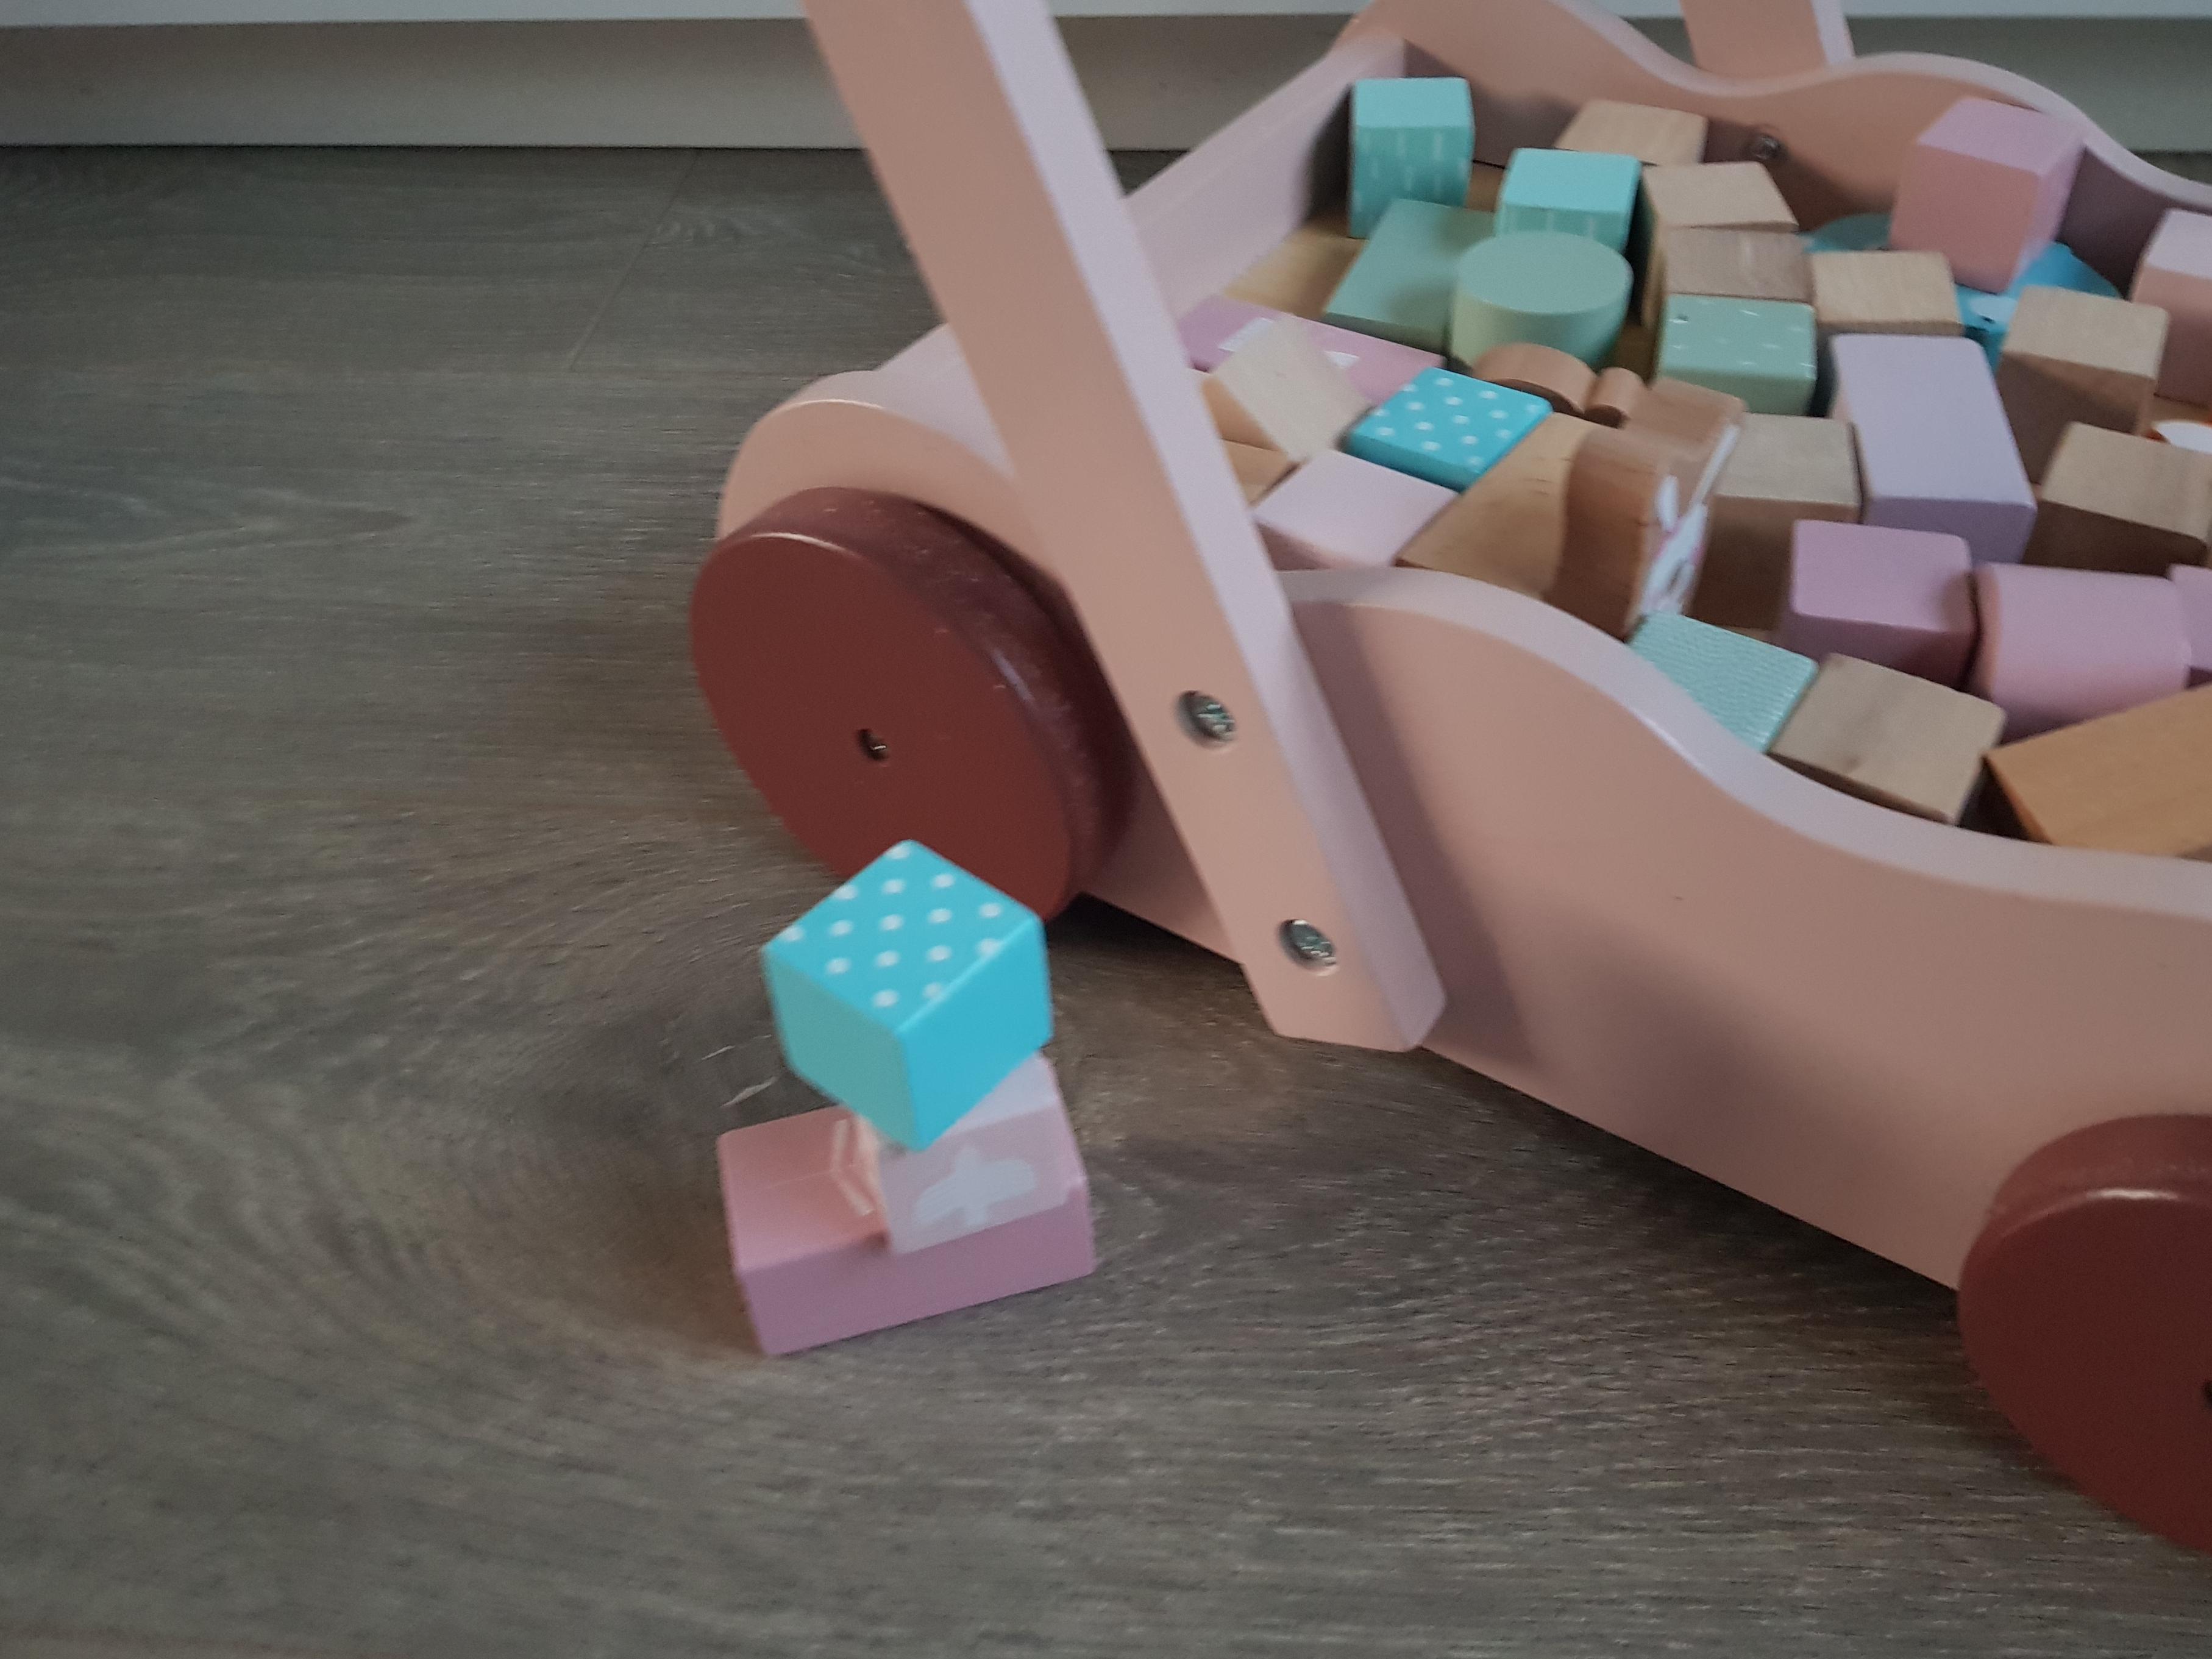 speelgoed 1 jaar, speelgoed baby, stimulerend speelgoed baby, stimulerend speelgoed, spelen baby, spelen 1 jaar,